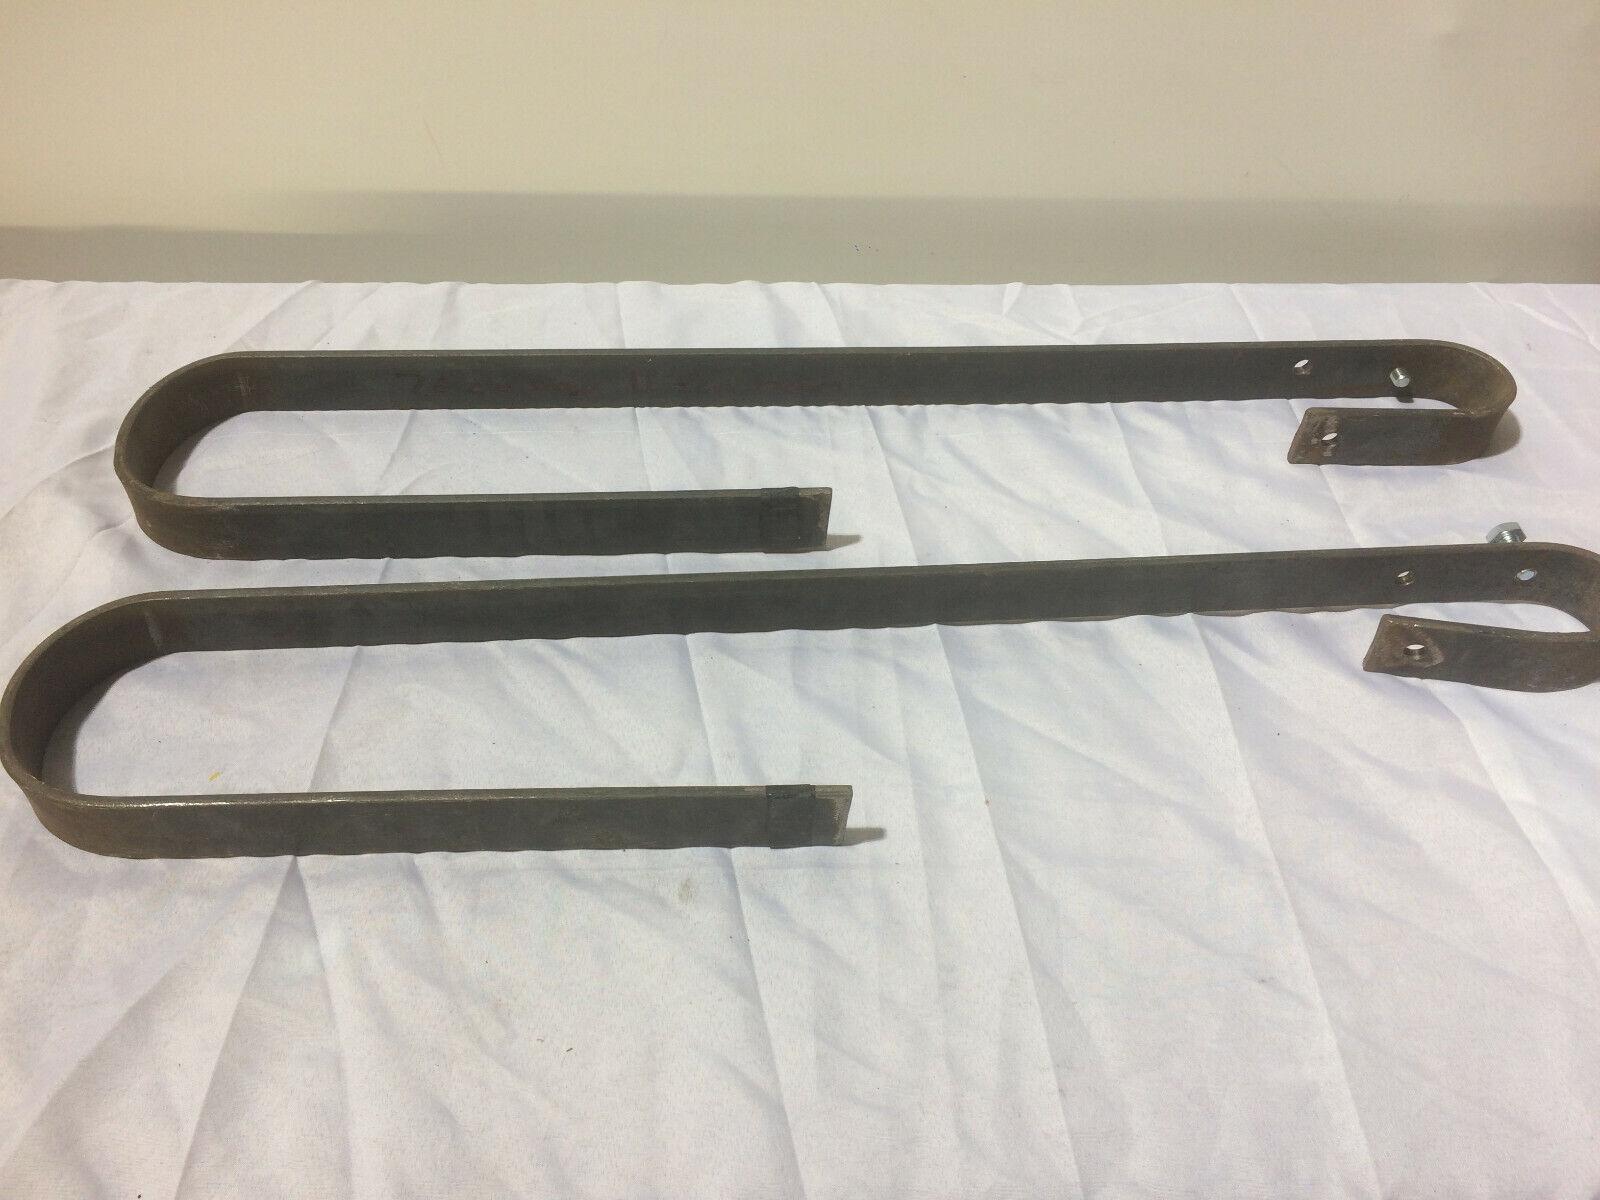 Pair of Mild Steel Hanging Brackets - suspend a scaff bar 10-11.5cm wood beam